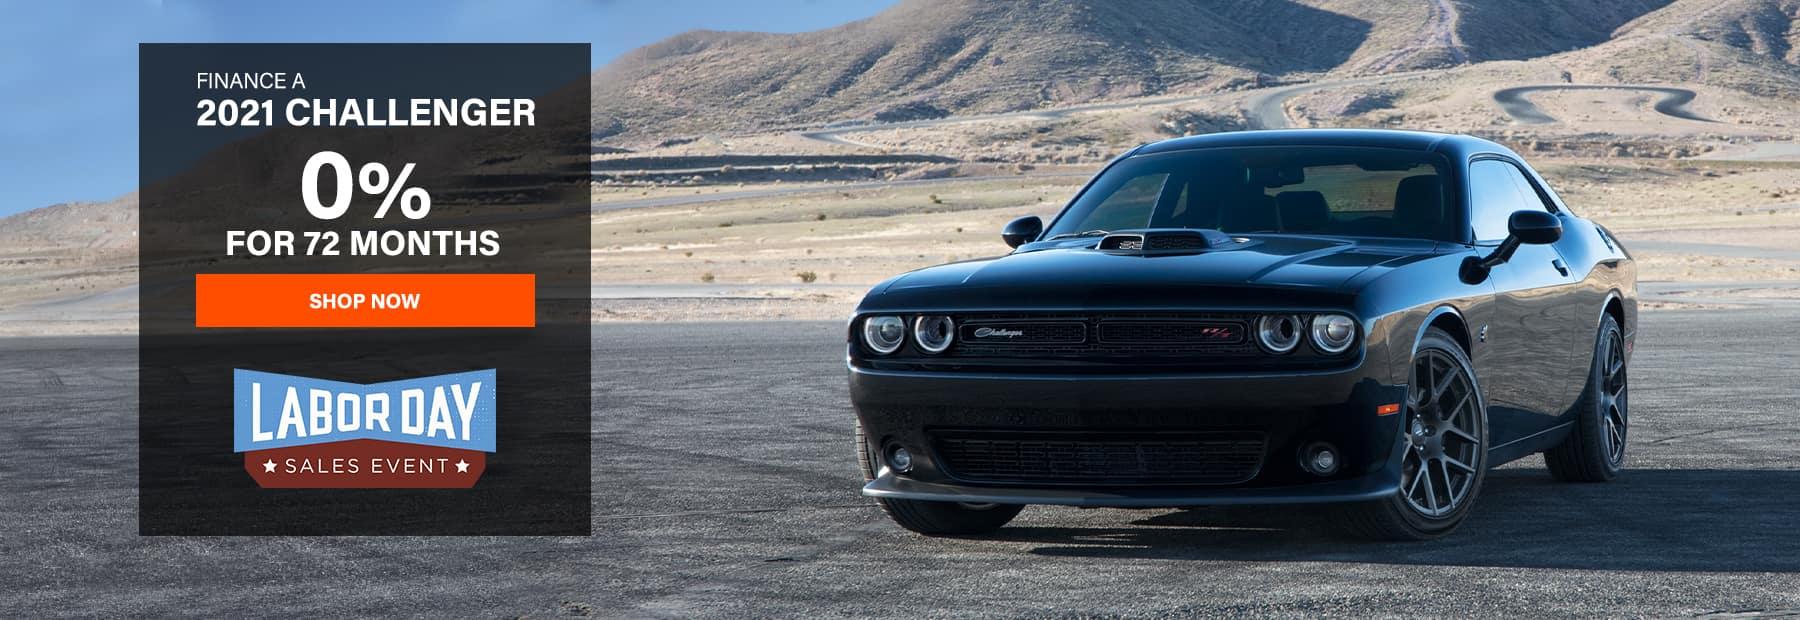 2021-09-02 Dodge_Challenger Desktop